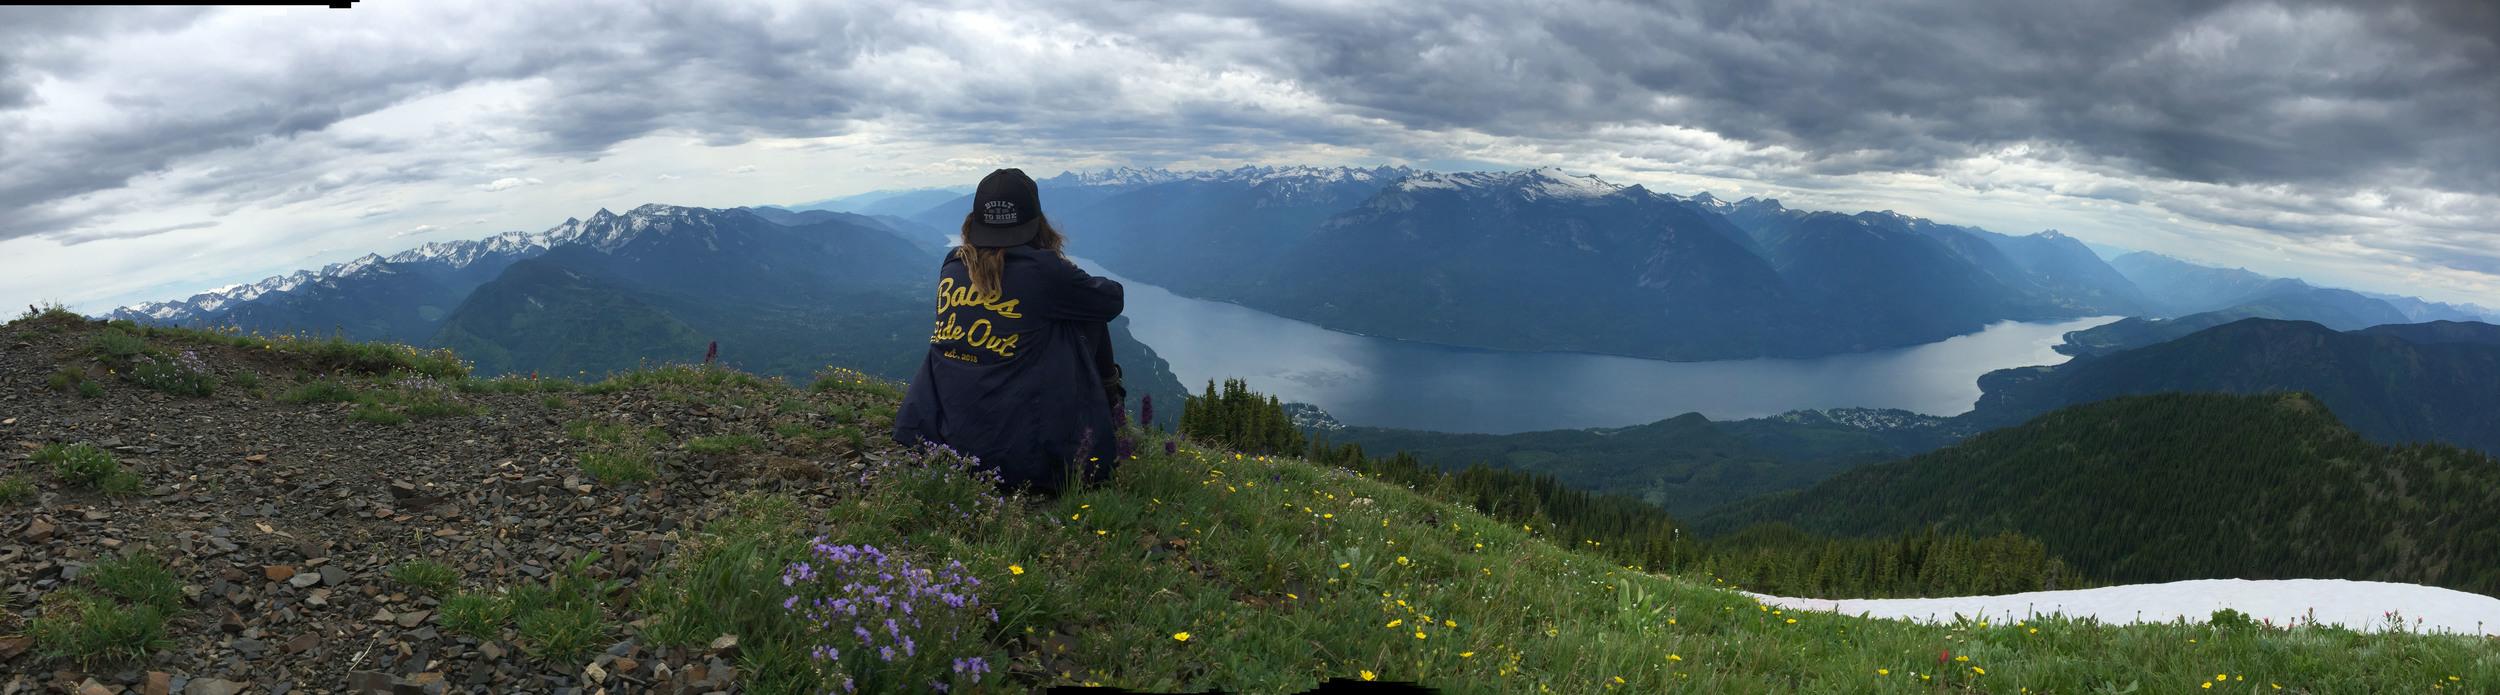 Idaho Peak